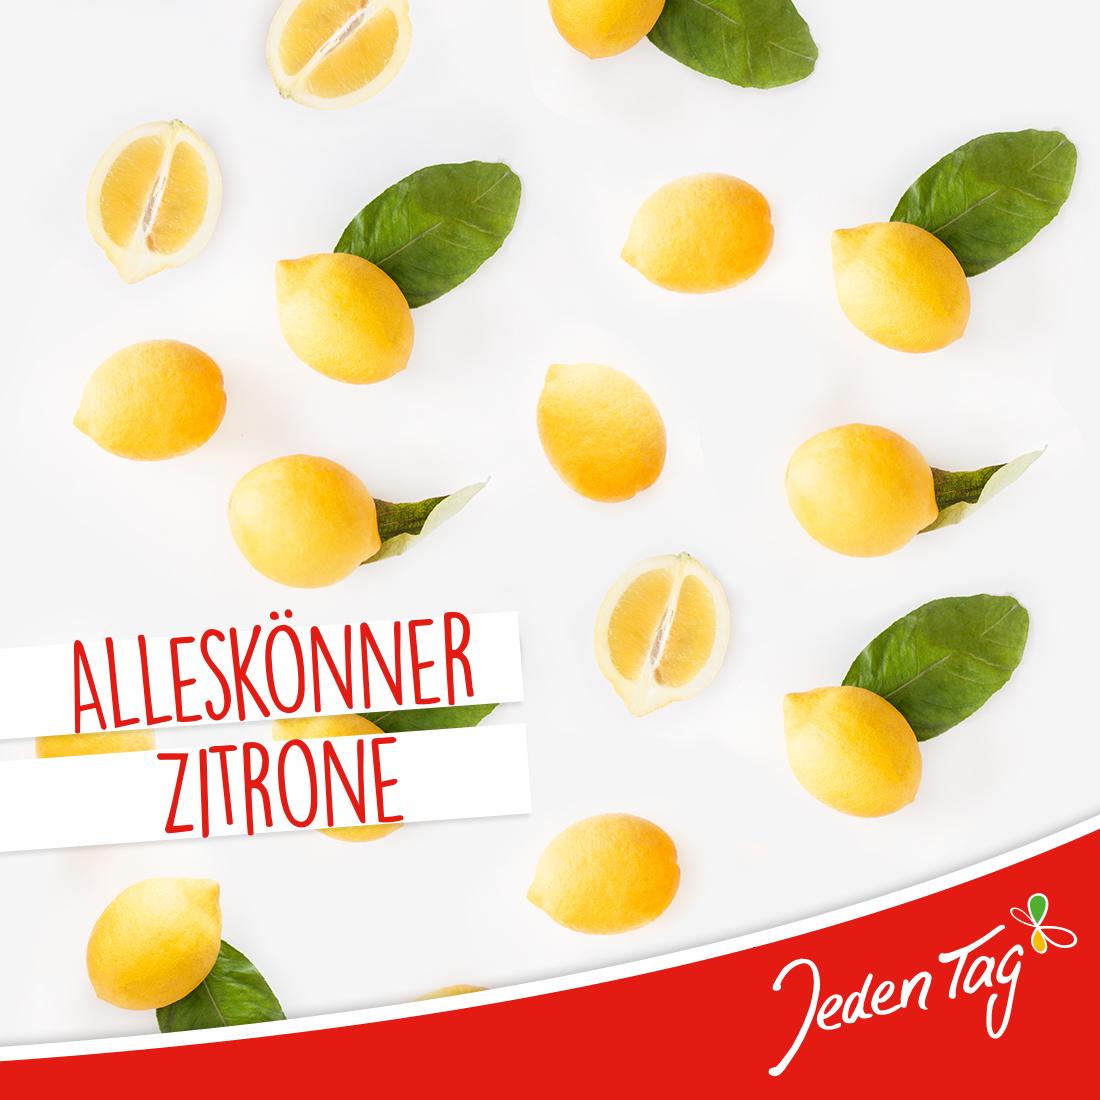 Alleskönner Zitrone